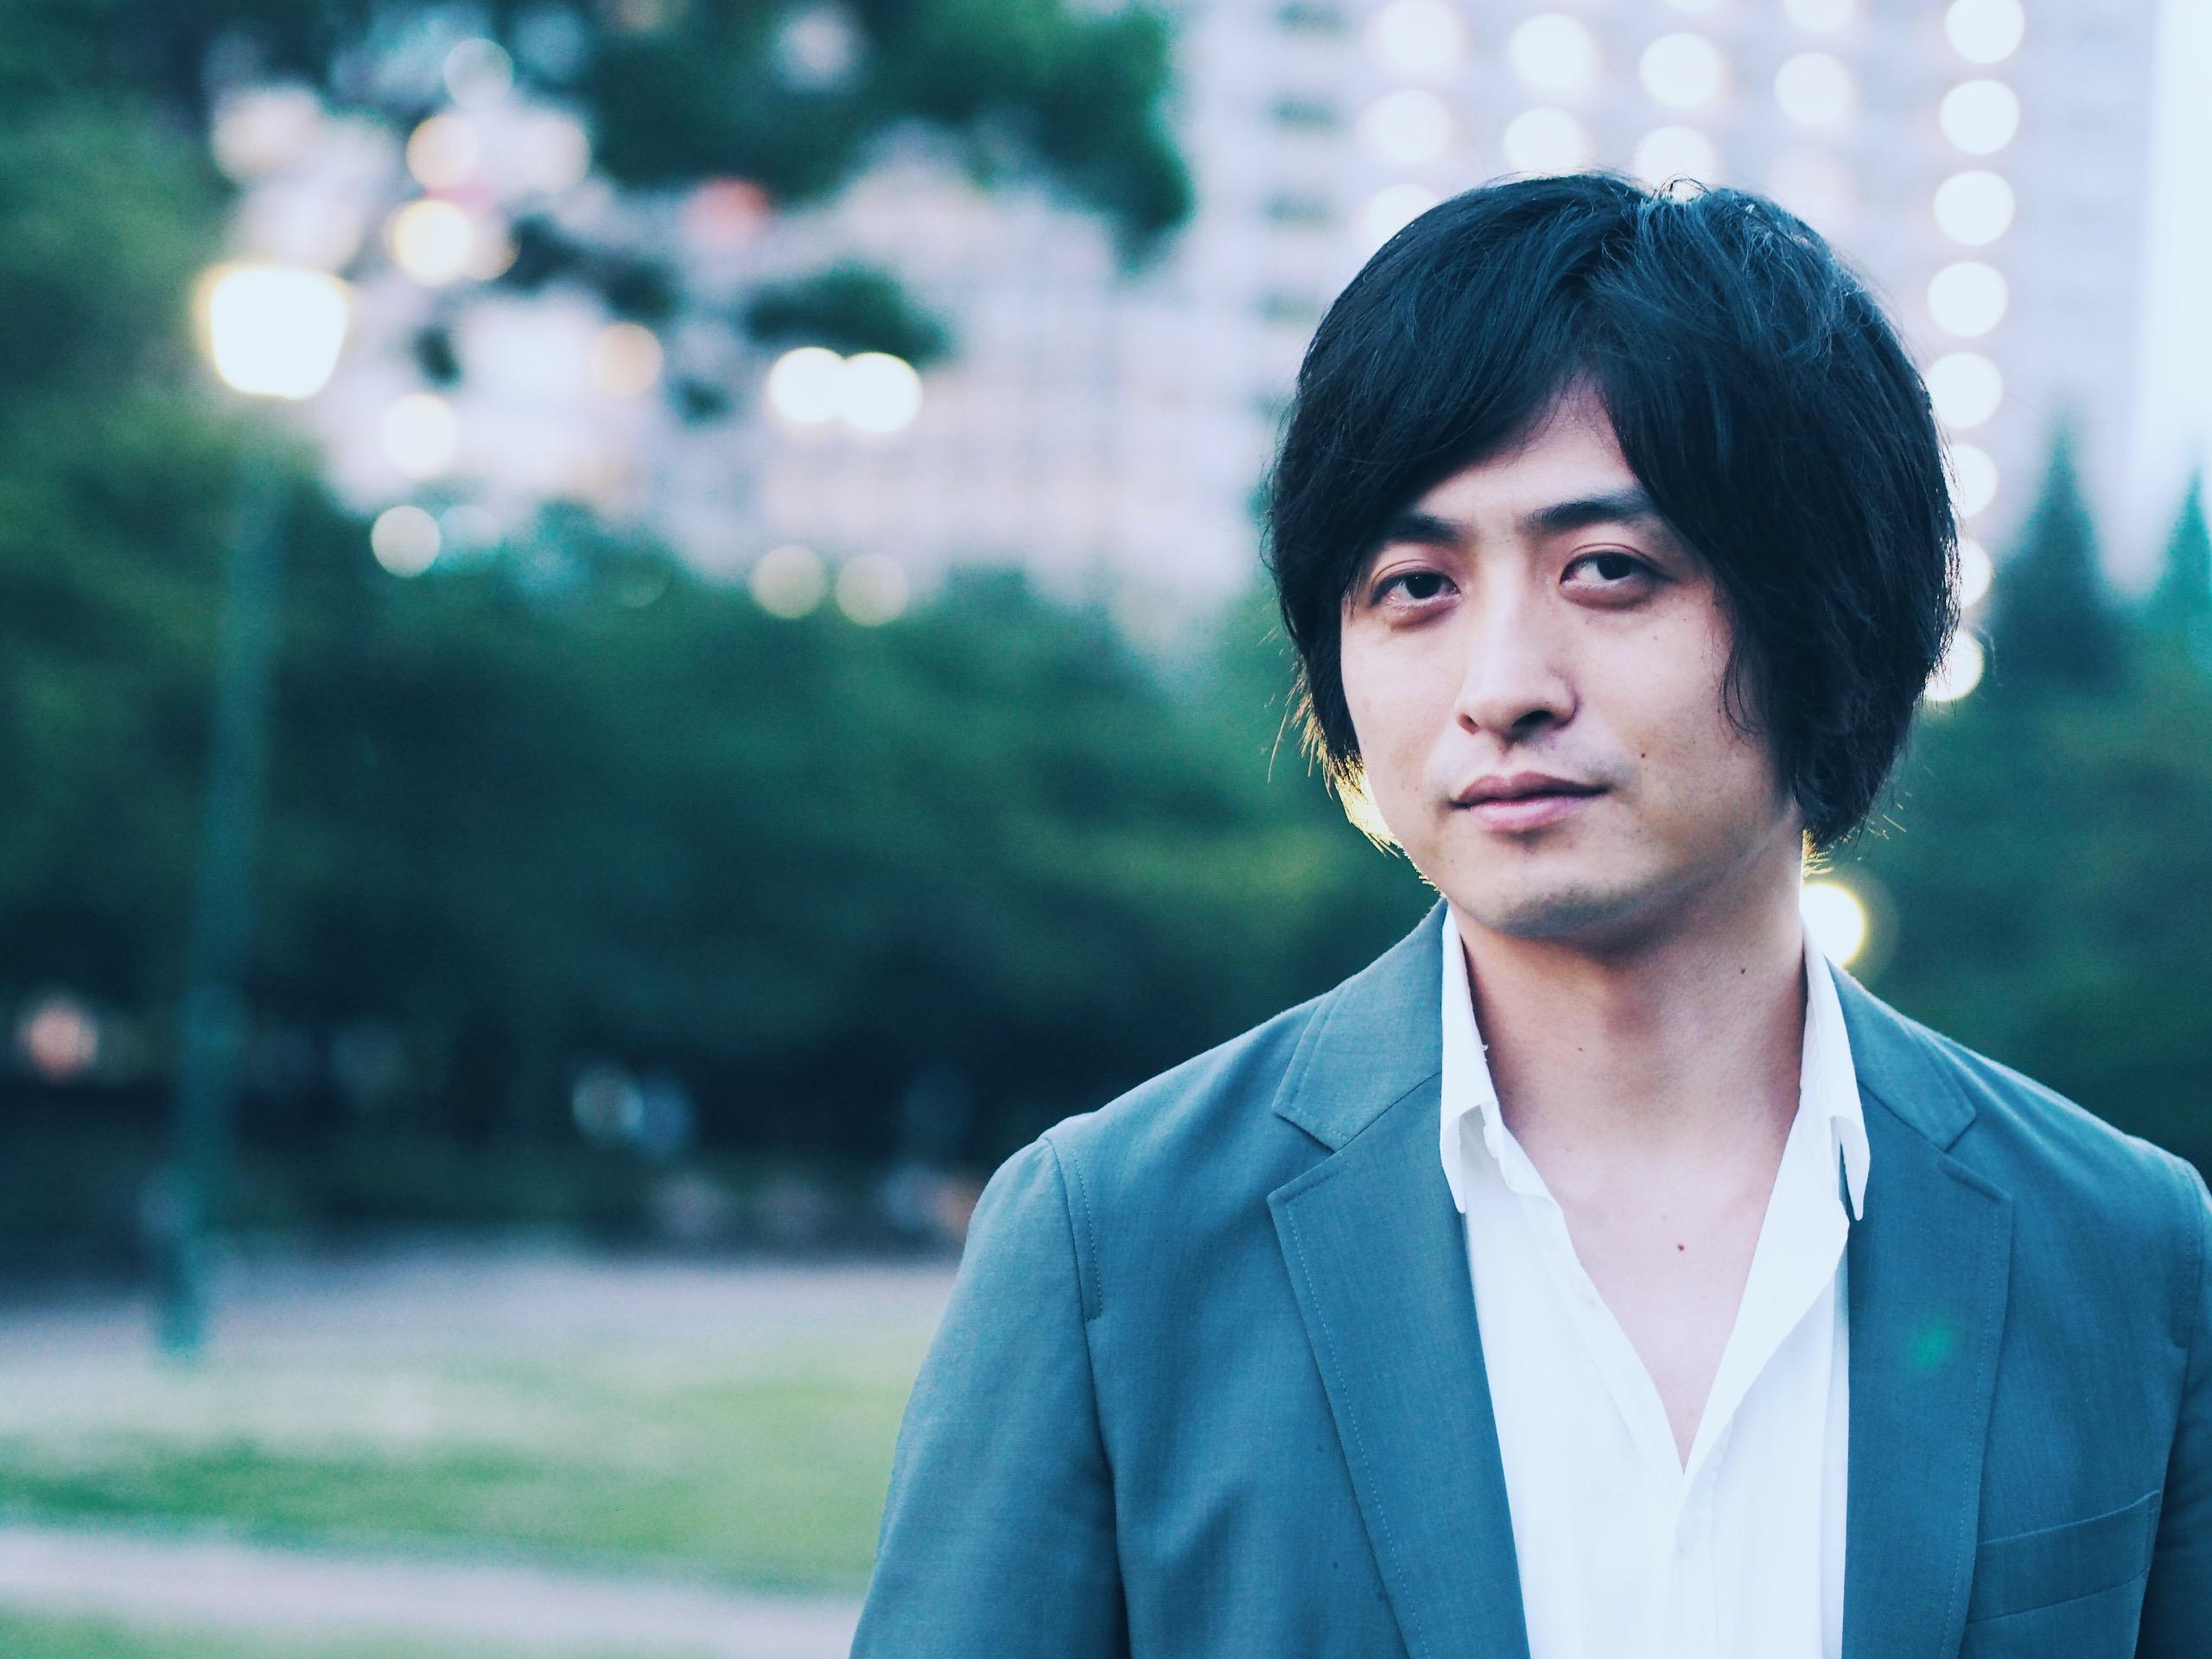 yuichihayashi